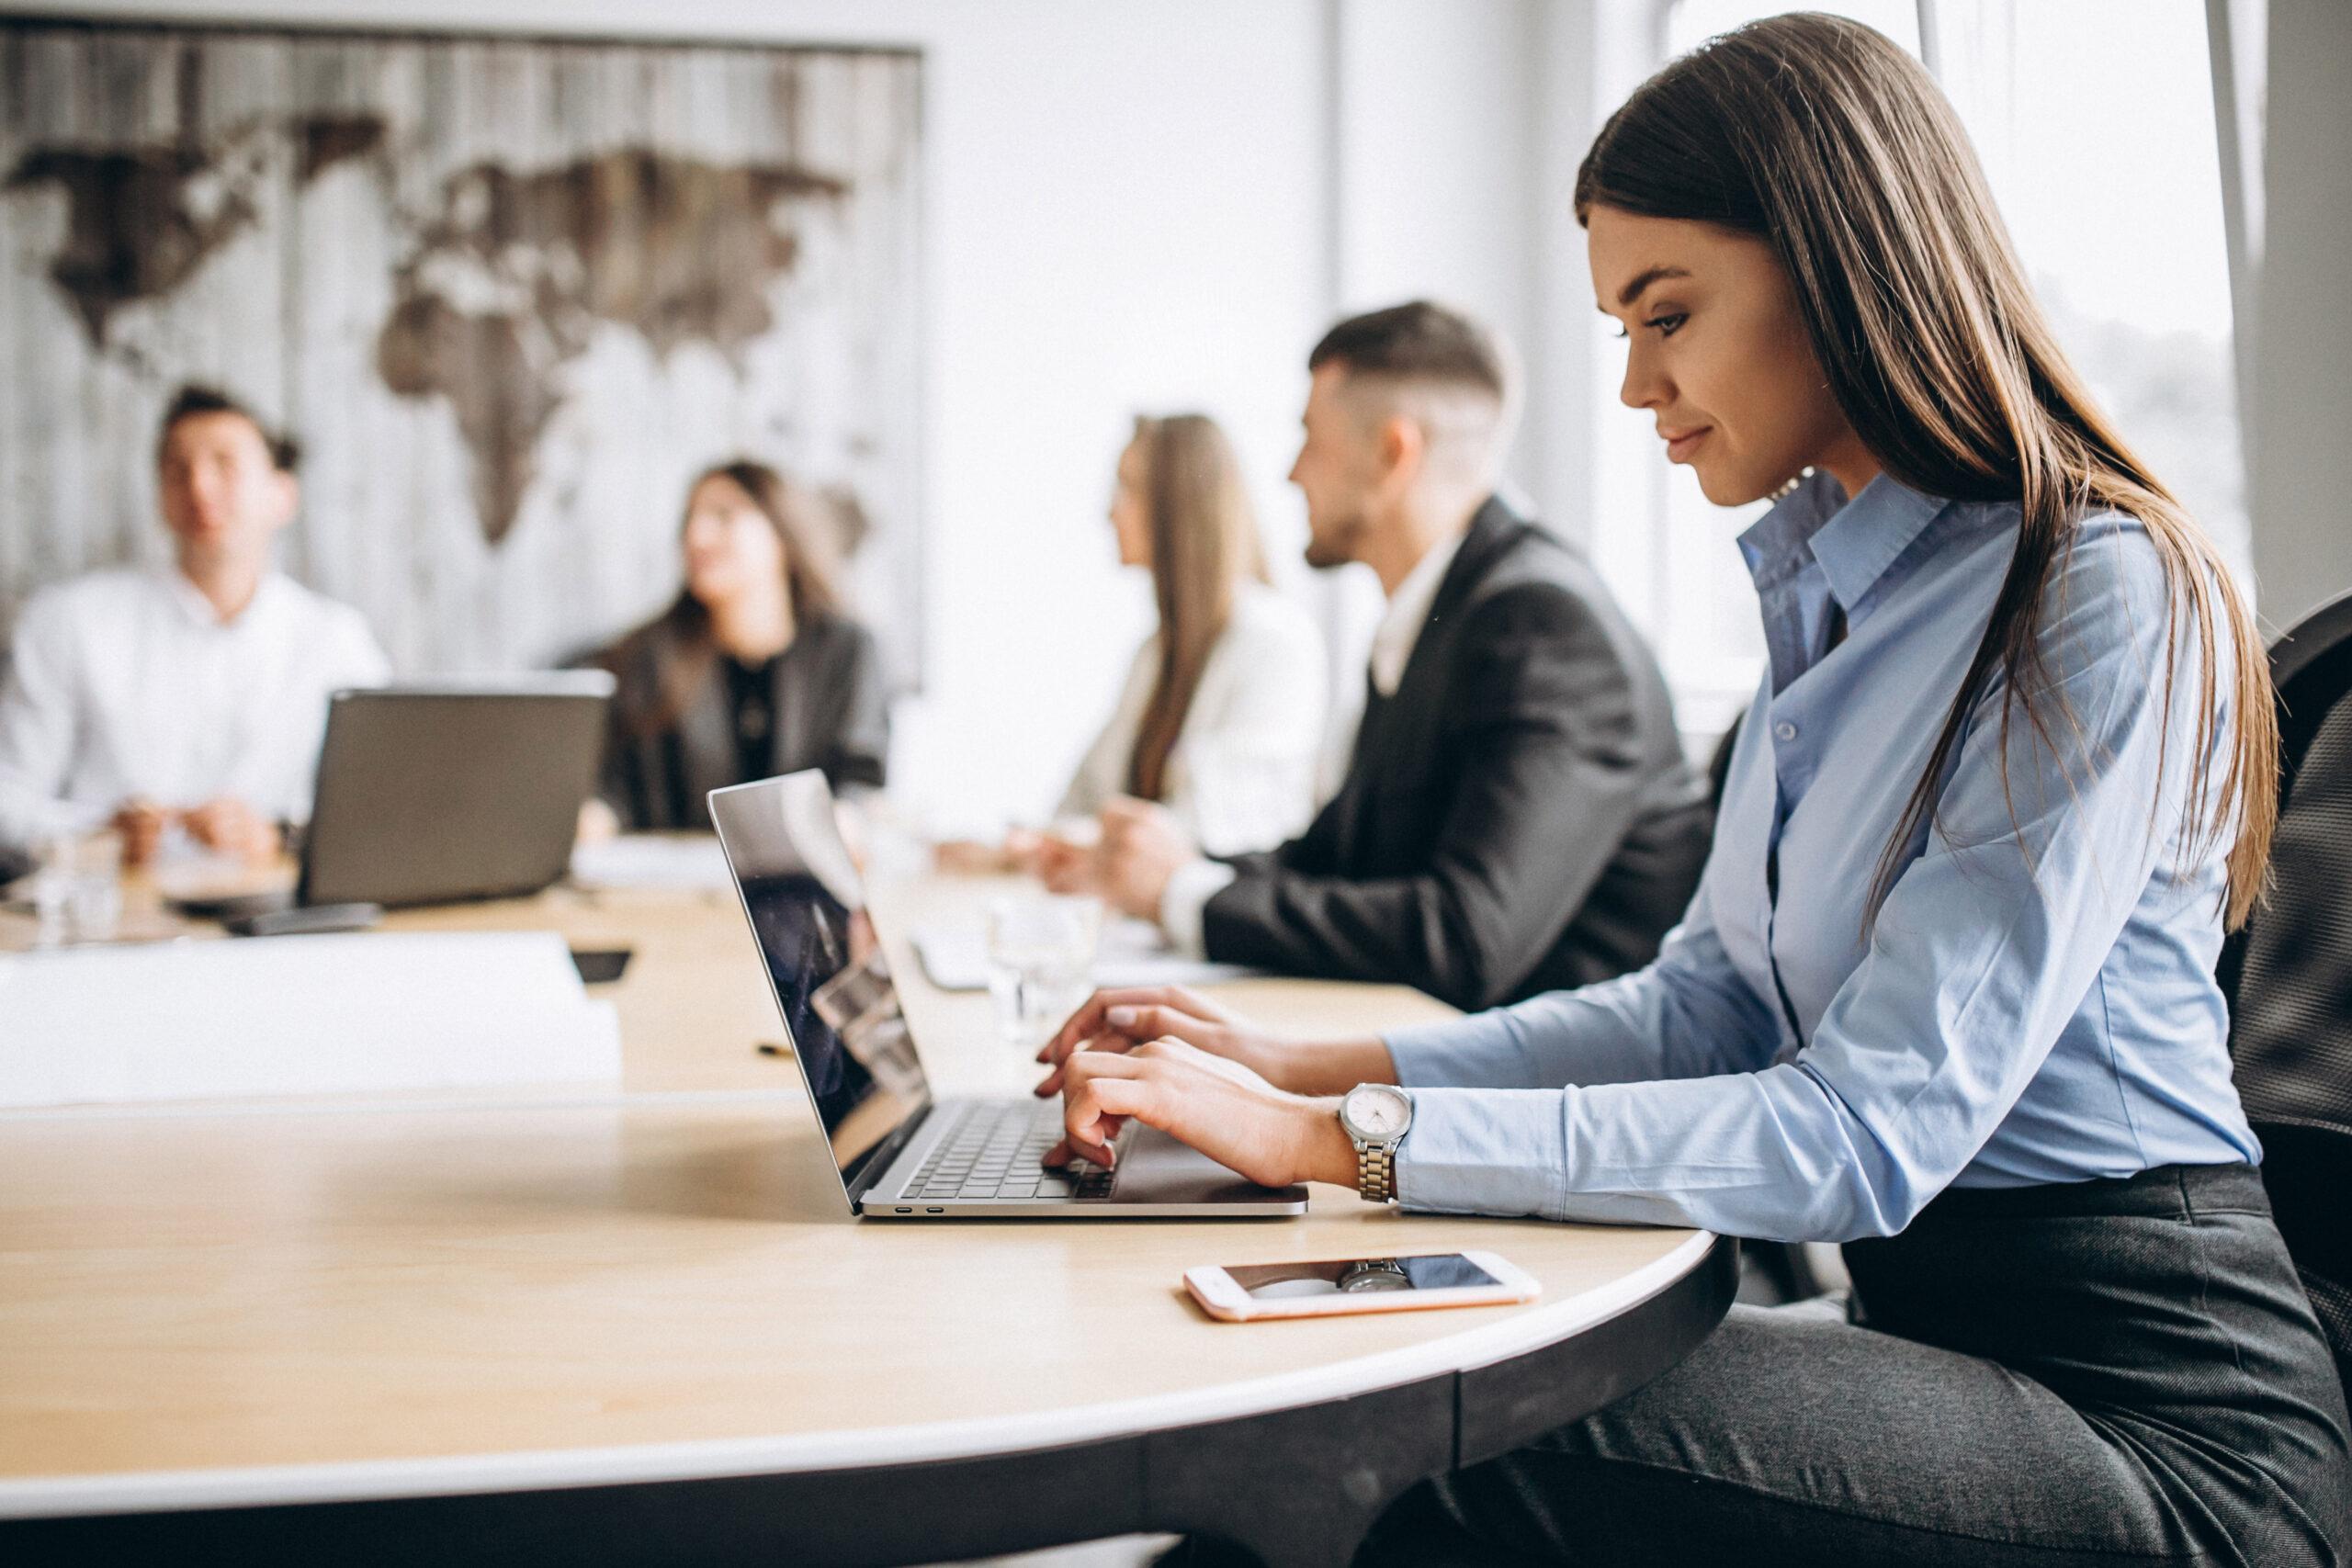 Oficina con 5 personas trabajando en el modelo de trabajo Software Factory